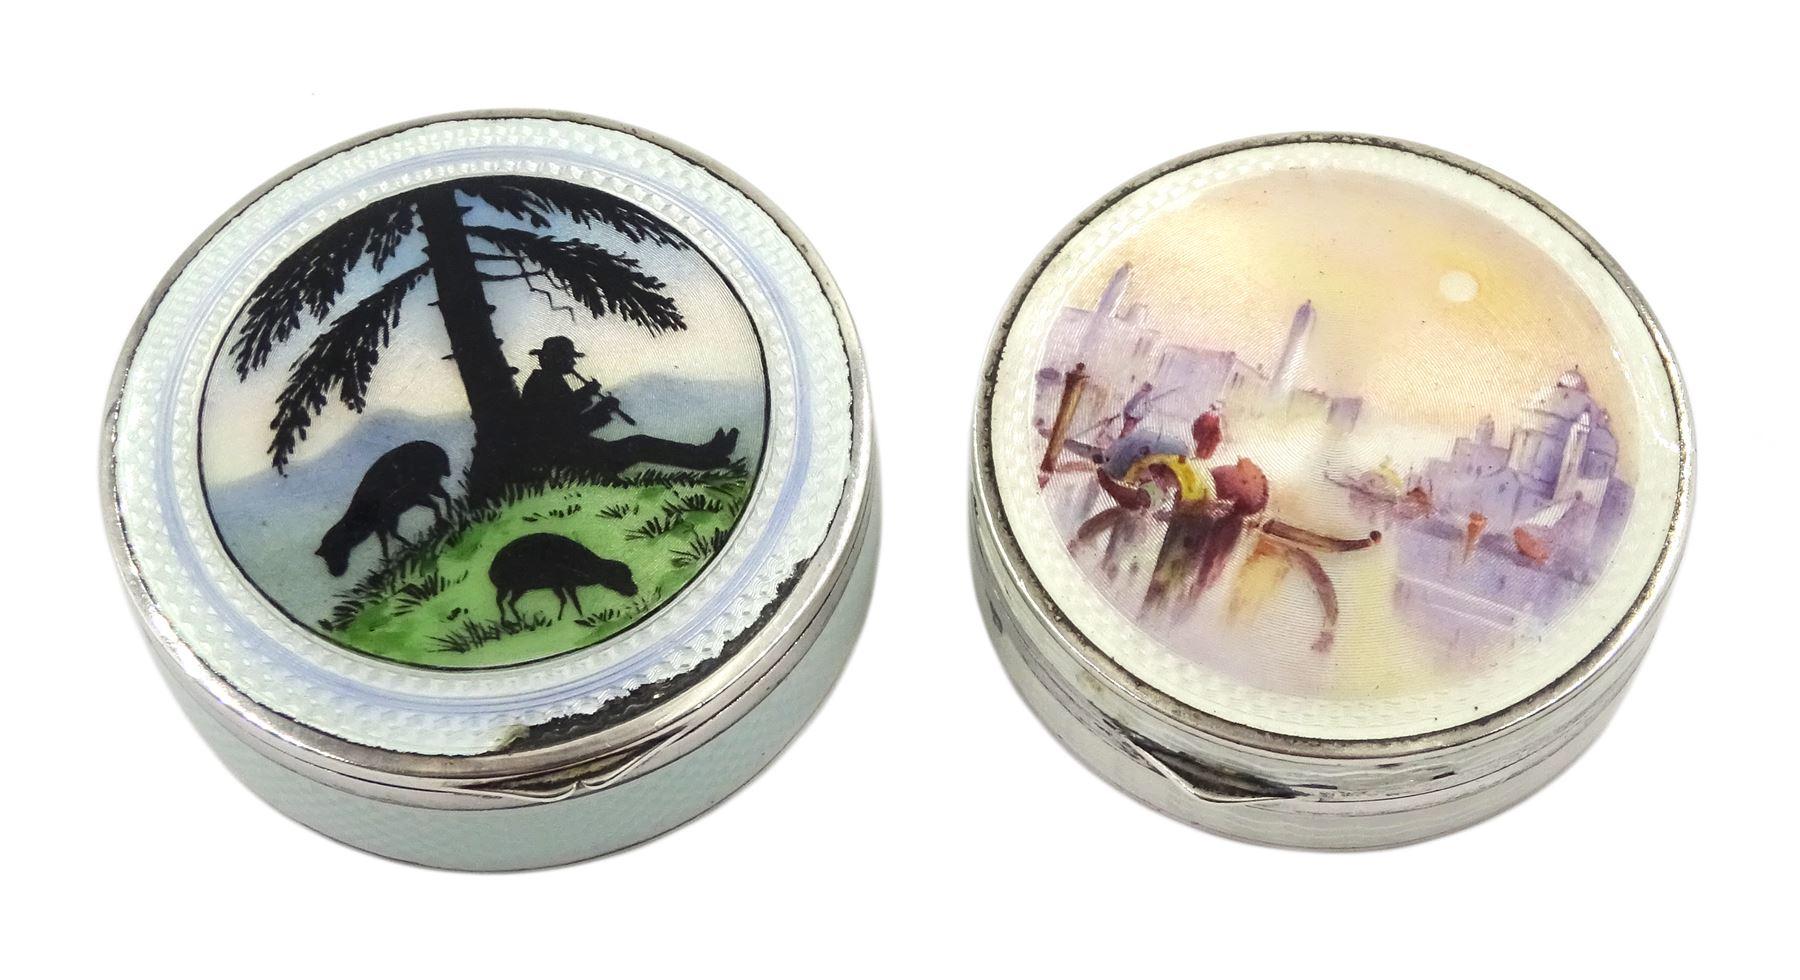 Silver enamel circular compact